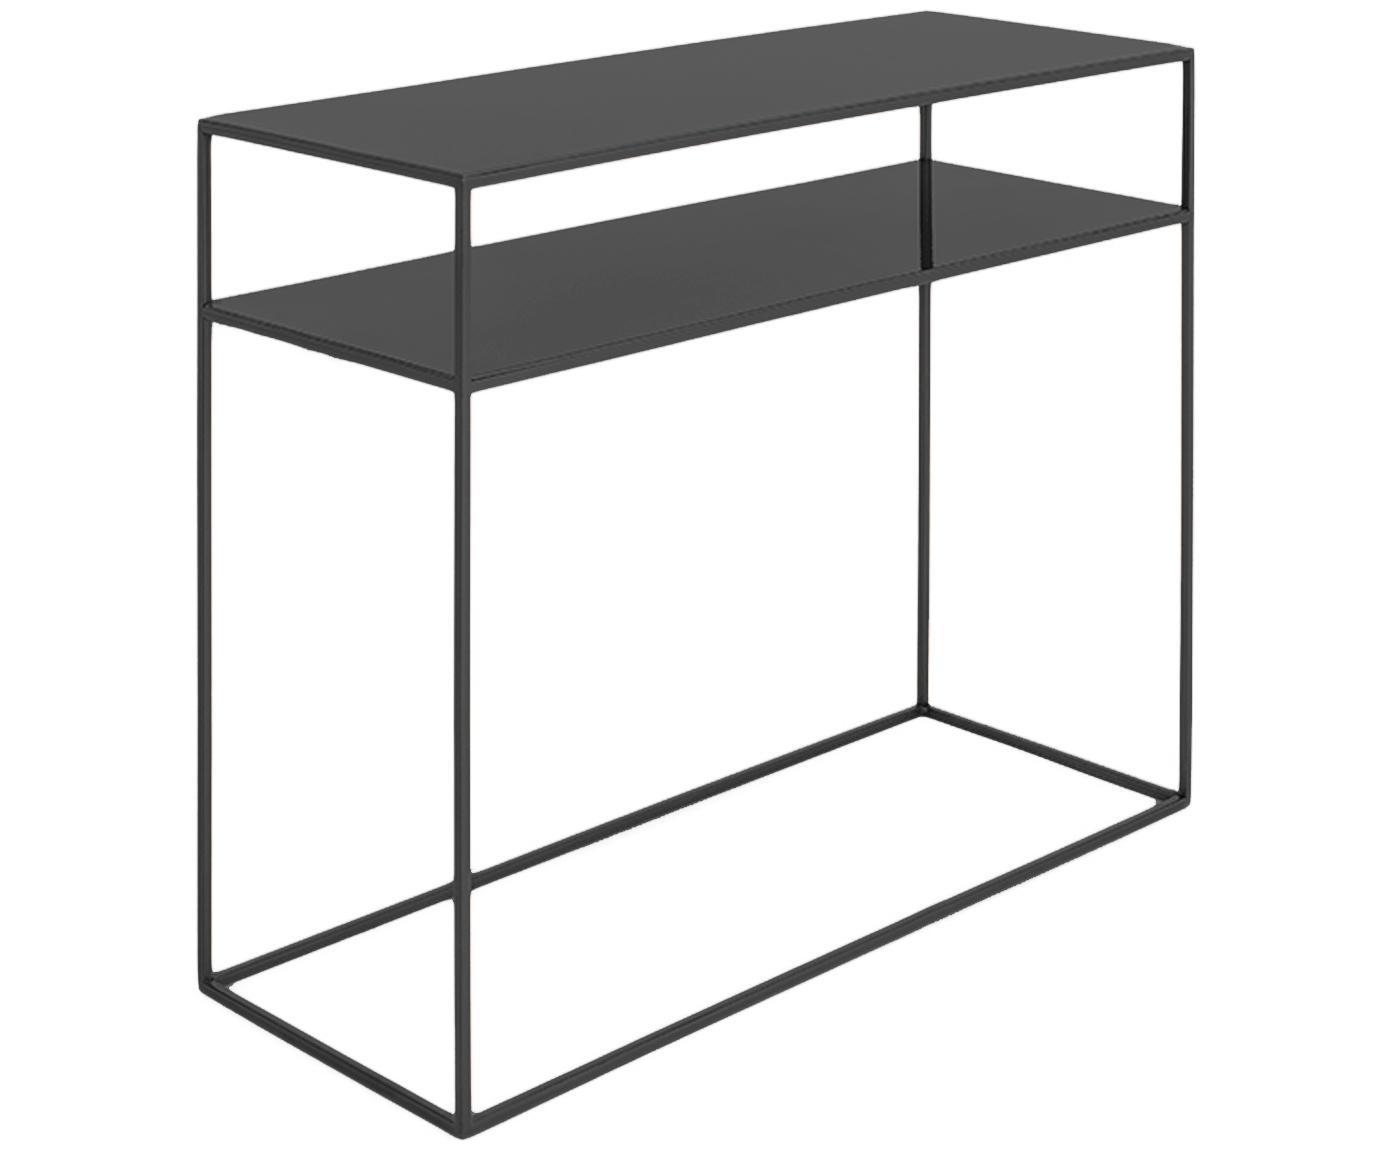 Metalen sidetable Tensio Duo in zwart, Gepoedercoat metaal, Zwart, B 100 x D 35 cm